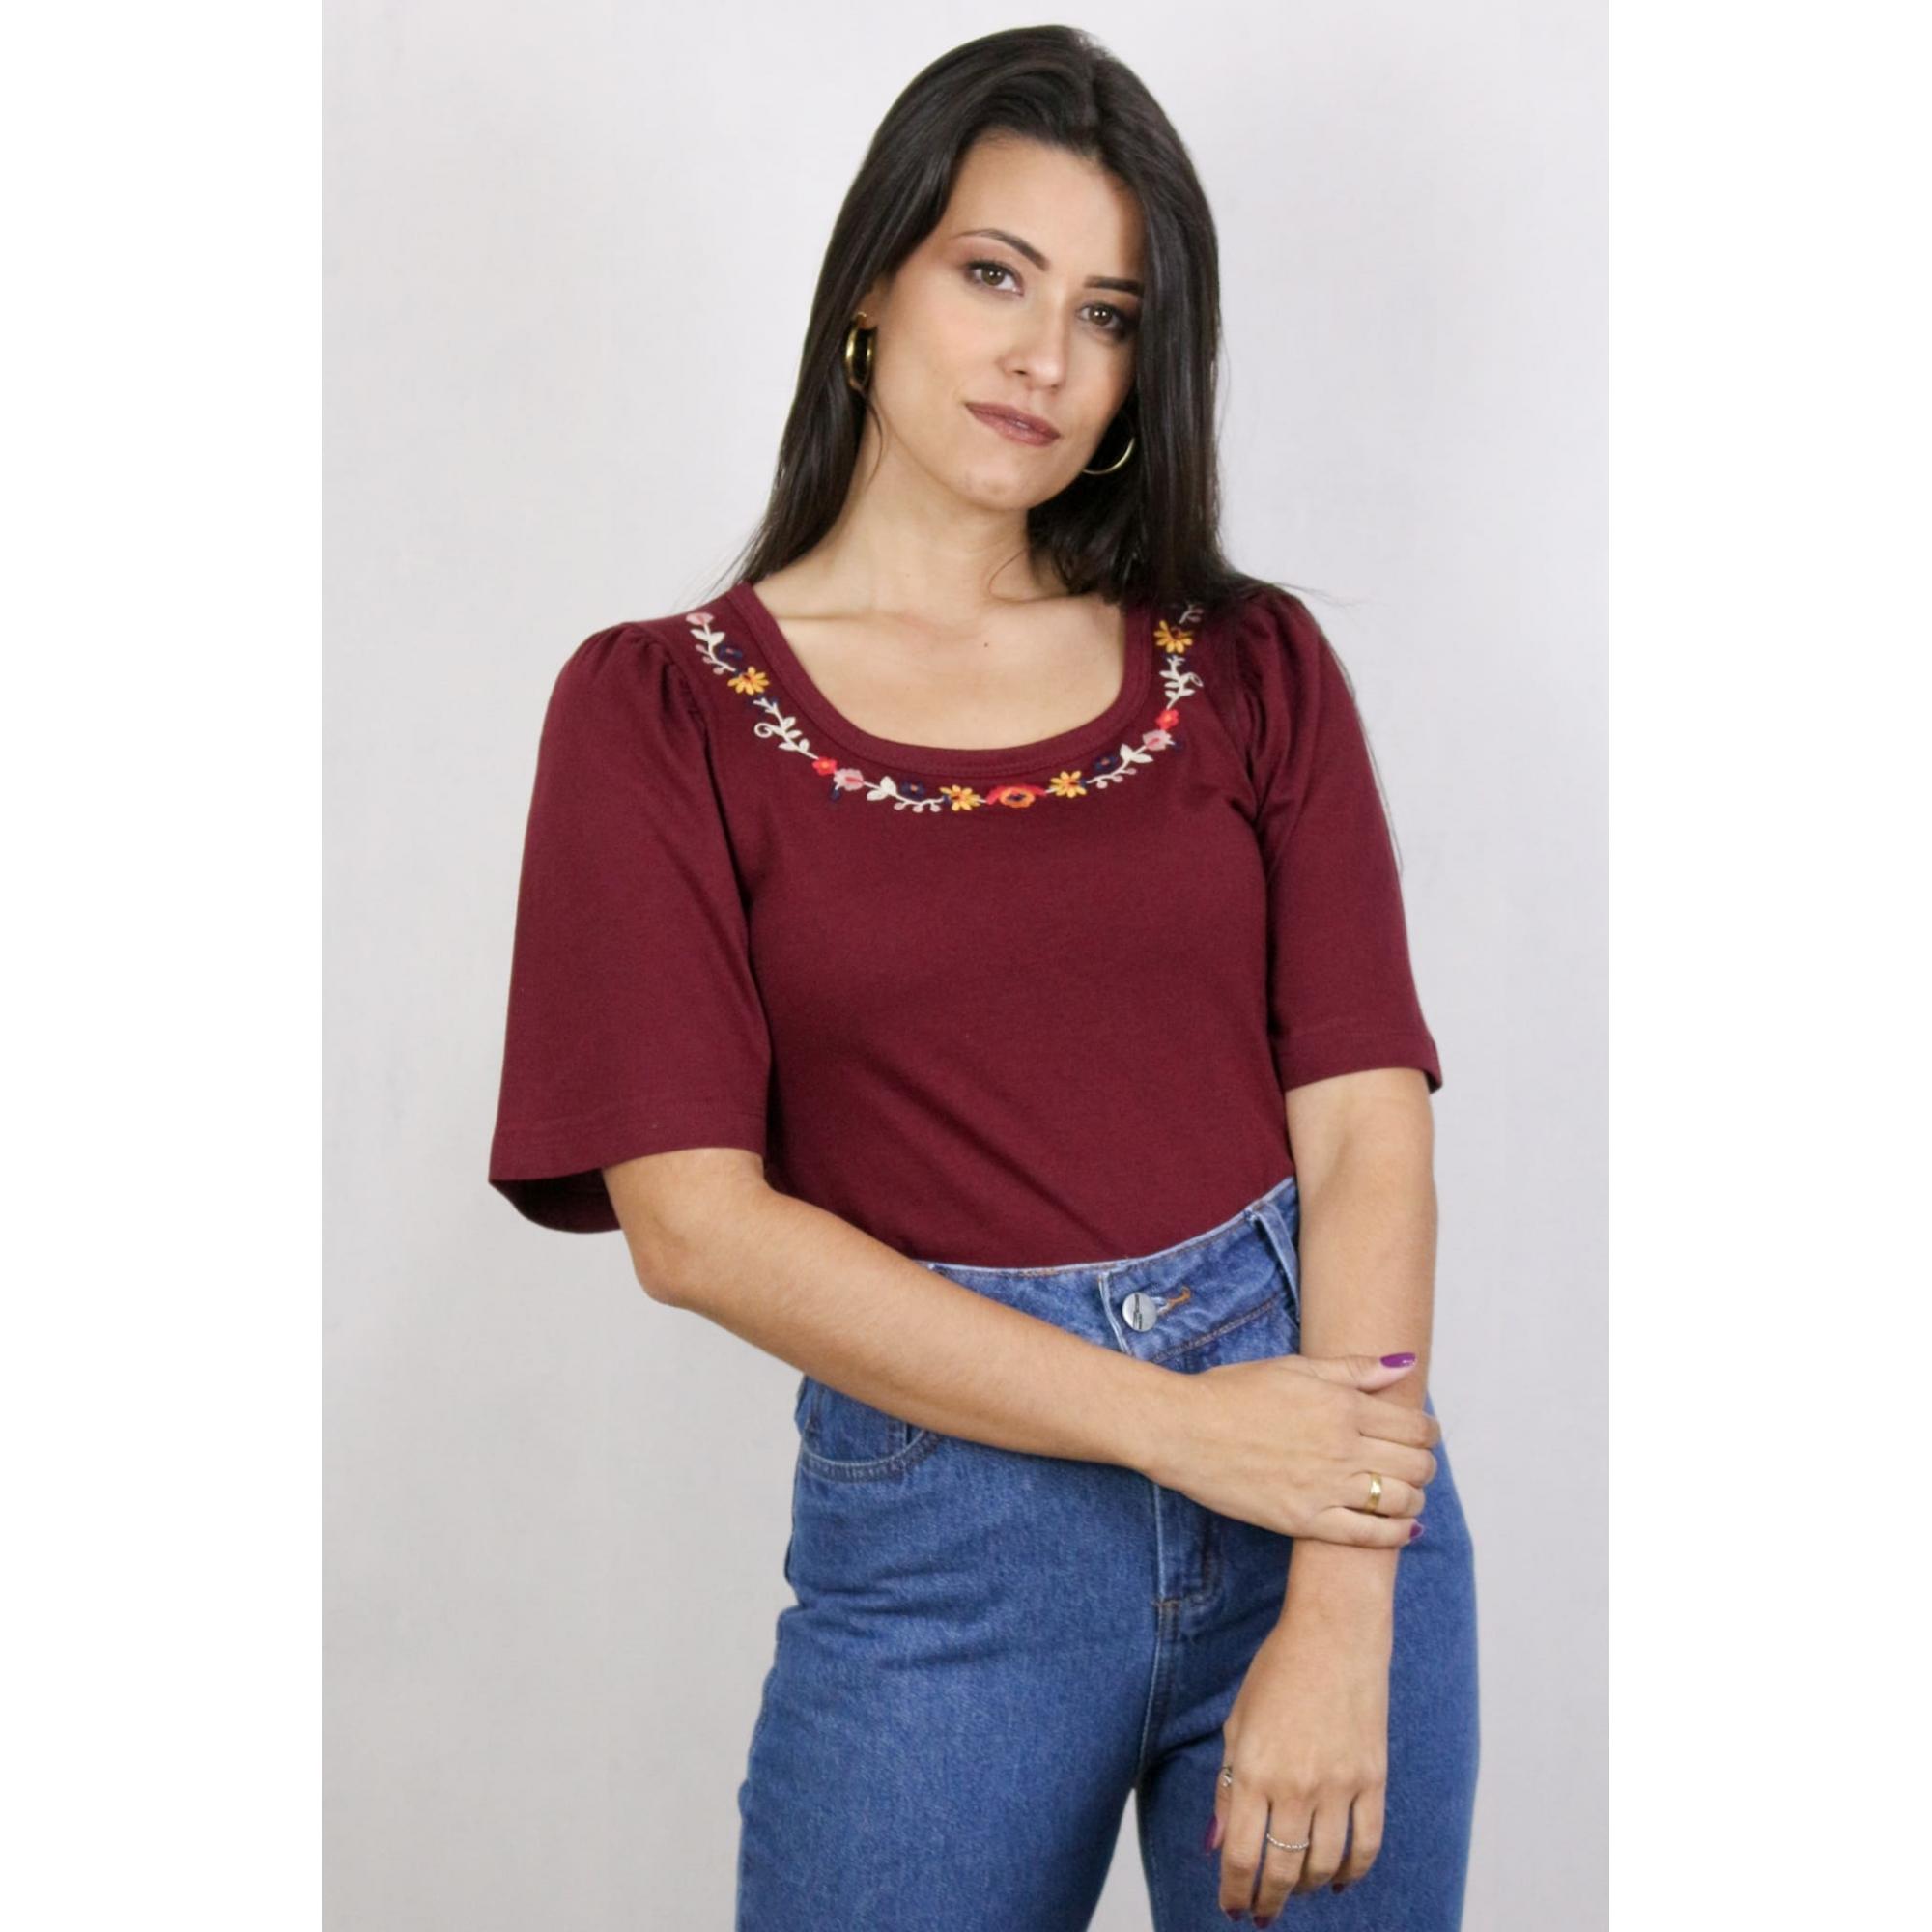 Blusa Feminina com Detalhe de Bordado